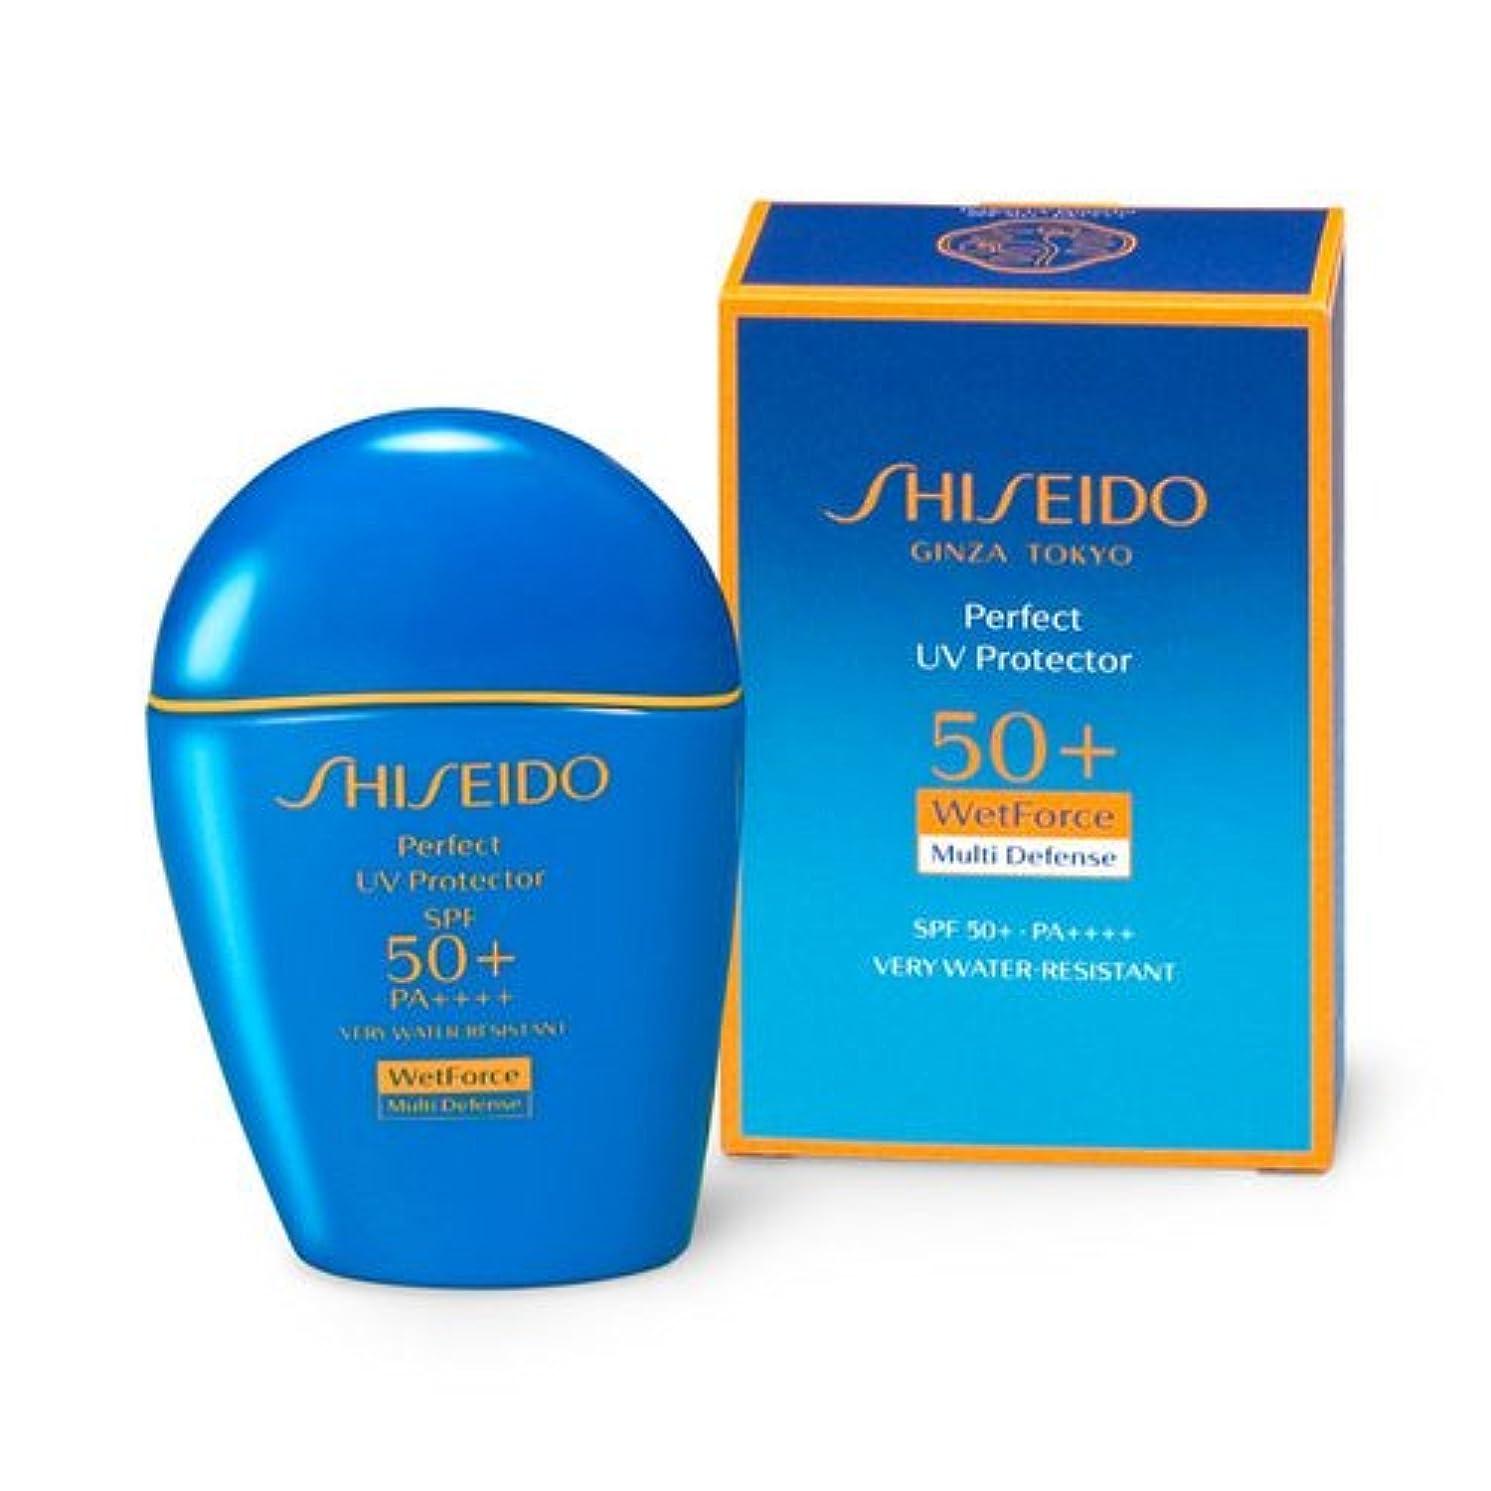 かすかな田舎葉っぱSHISEIDO Suncare(資生堂 サンケア) SHISEIDO(資生堂) パーフェクト UVプロテクター 50mL